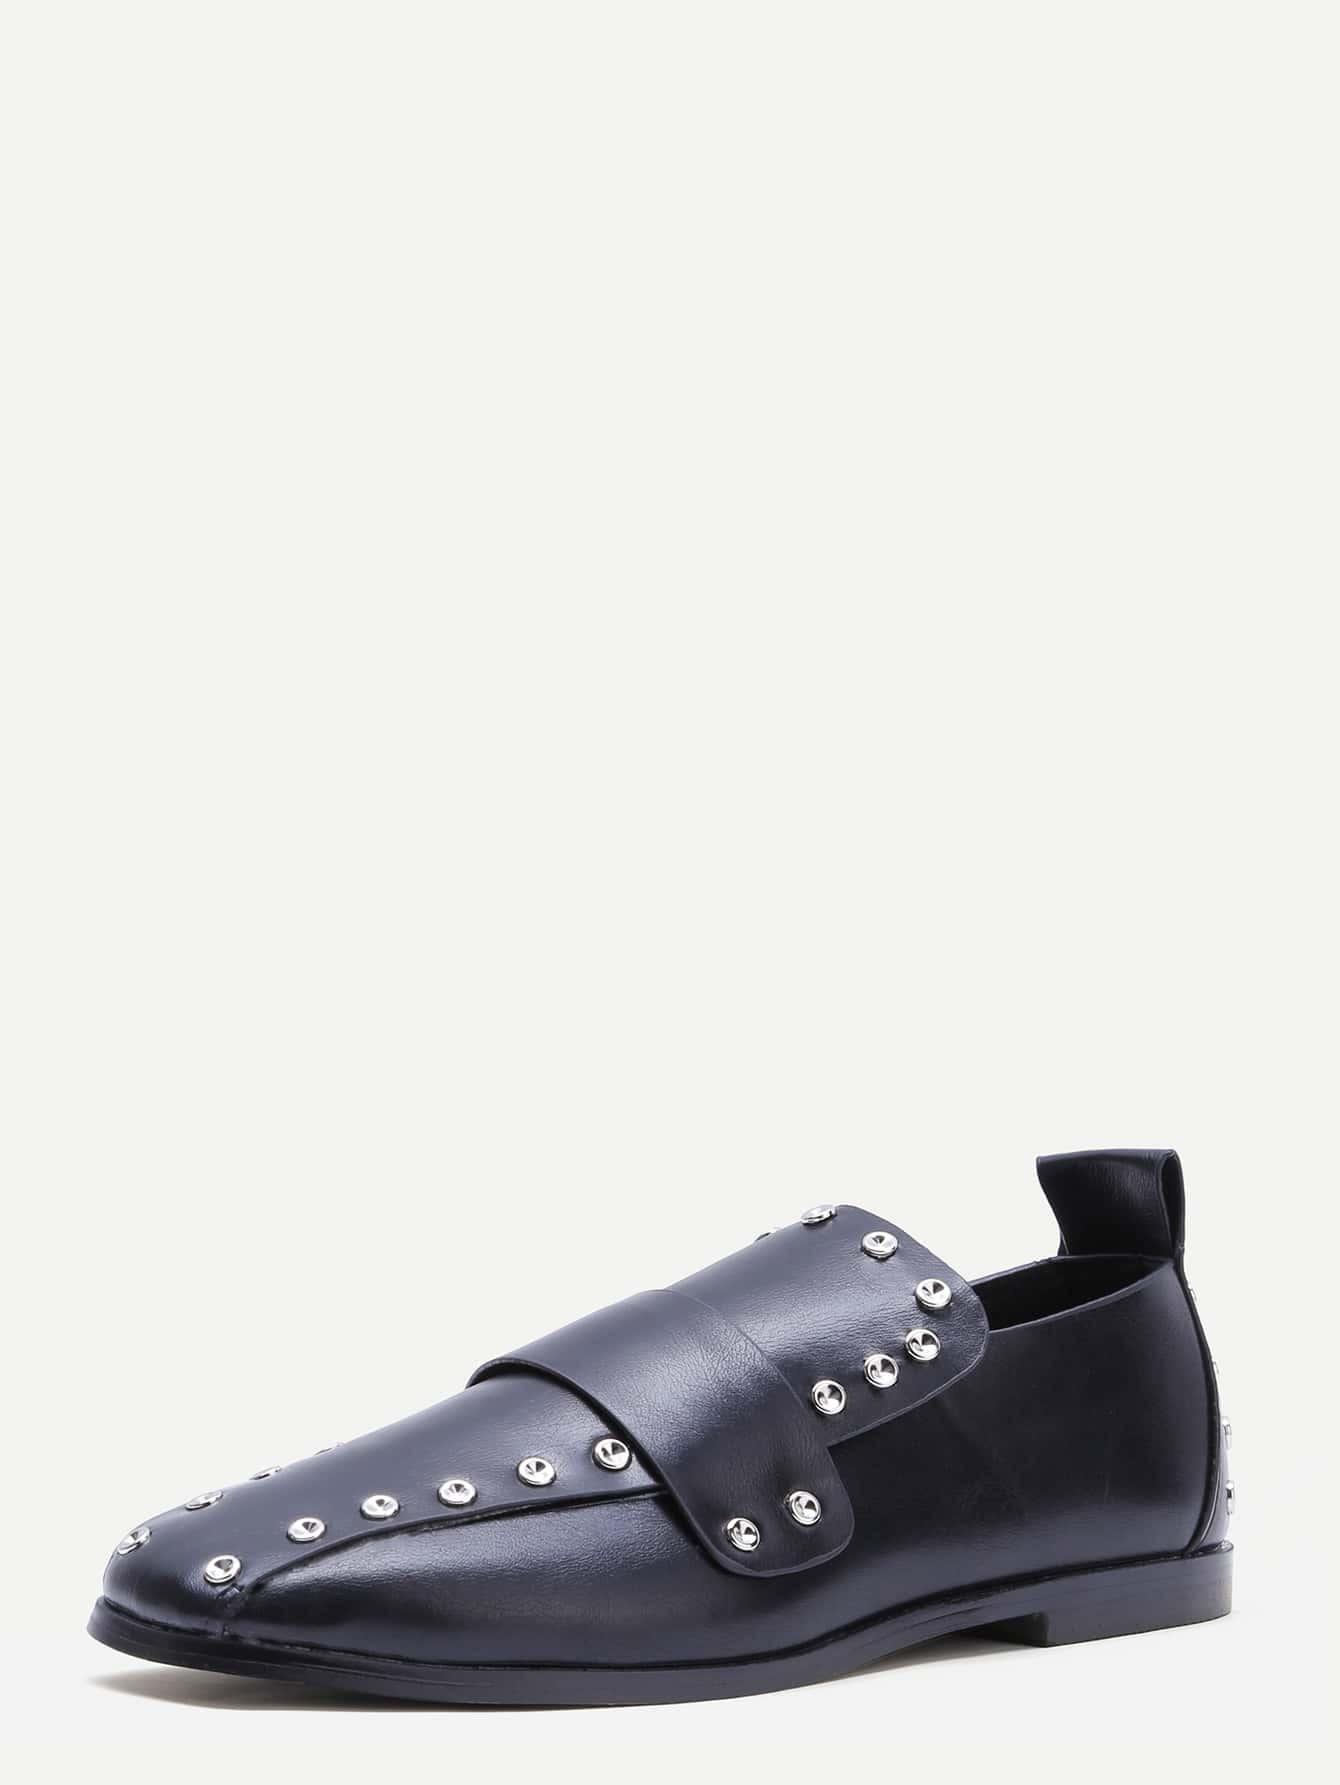 shoes170105808_2